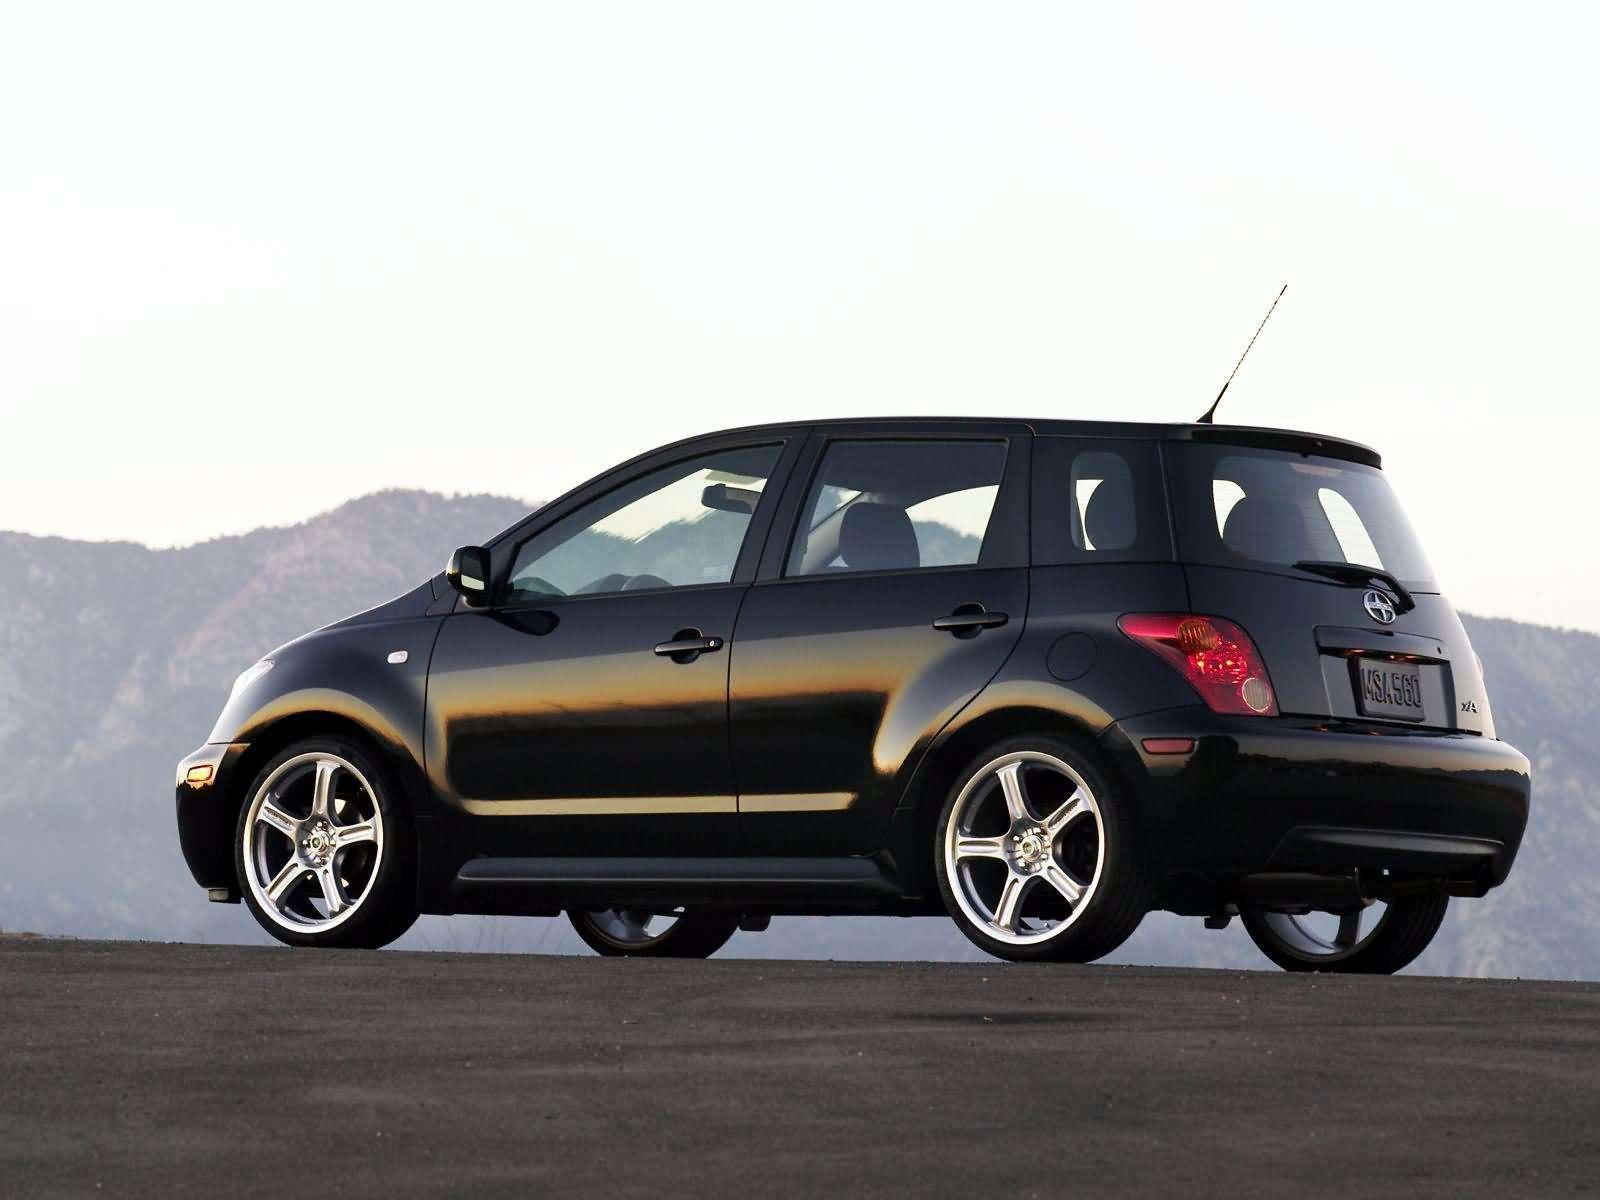 Hình ảnh xe ô tô Scion TRDEquipped xA 2005 & nội ngoại thất